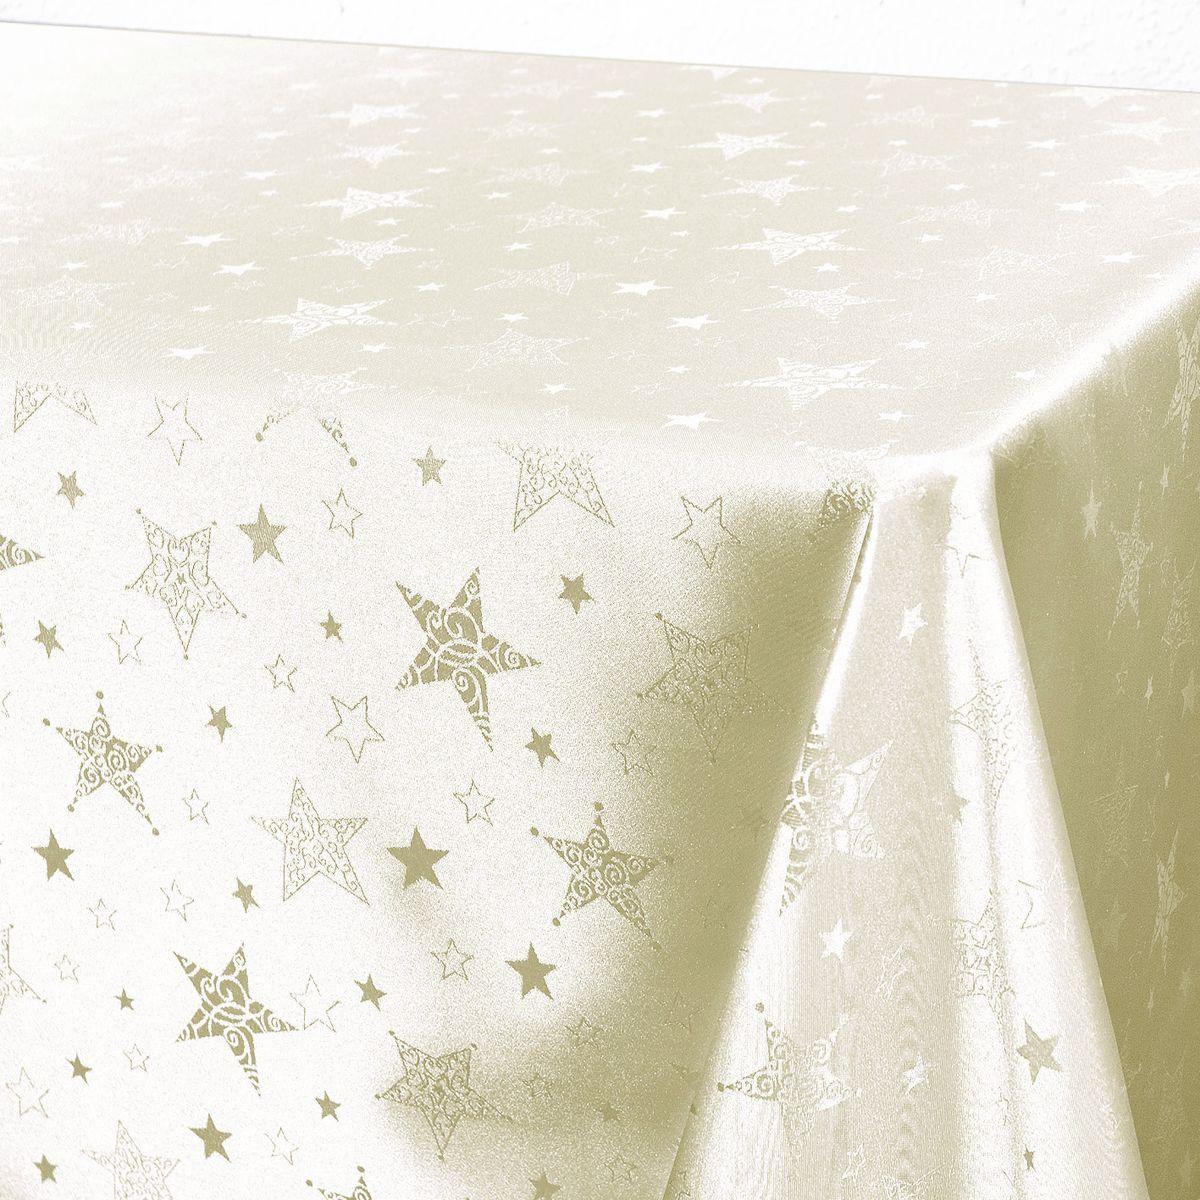 """Стильная скатерть """"Schaefer"""" выполнена из полиэстера.  Изделия из полиэстера легко стирать: они не мнутся, не садятся и быстро сохнут, они более долговечны, чем изделия из натуральных волокон.  Немецкая компания """"Schaefer"""" создана в 1921 году. На протяжении всего времени существования она создает уникальные коллекции домашнего текстиля для гостиных, спален, кухонь и ванных комнат. Дизайнерские идеи немецких художников компании """"Schaefer"""" воплощаются в текстильных изделиях, которые сделают ваш дом красивее и уютнее и не останутся незамеченными вашими гостями. Дарите себе и близким красоту каждый день!"""